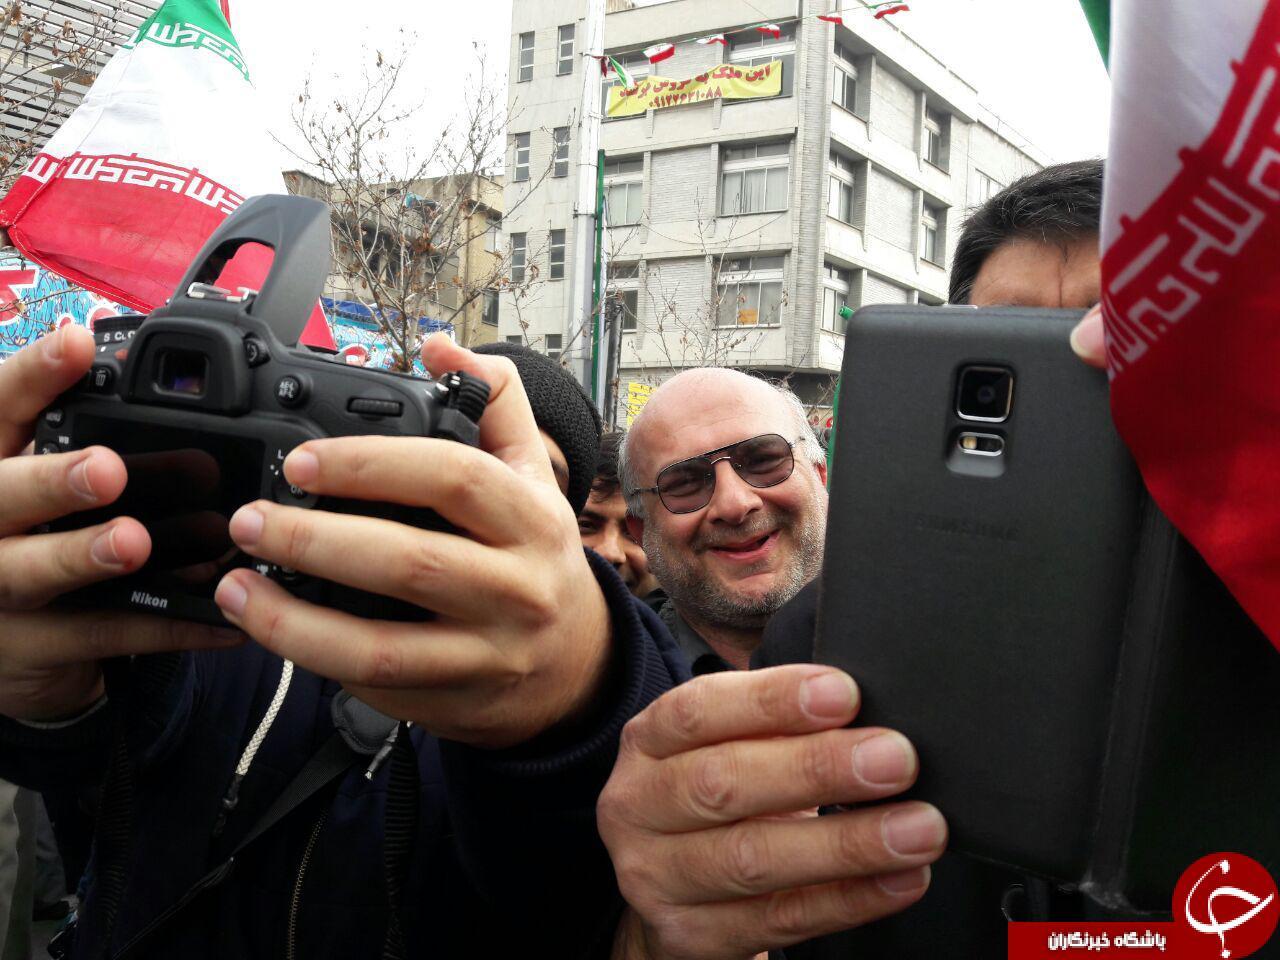 راهپیمایی 22 بهمن با حضور پرشور مردم آغاز شد/از حضور شهدای آتشنشان تا نمایش اقتدار ملی در خیابان آزادی+تصاویر